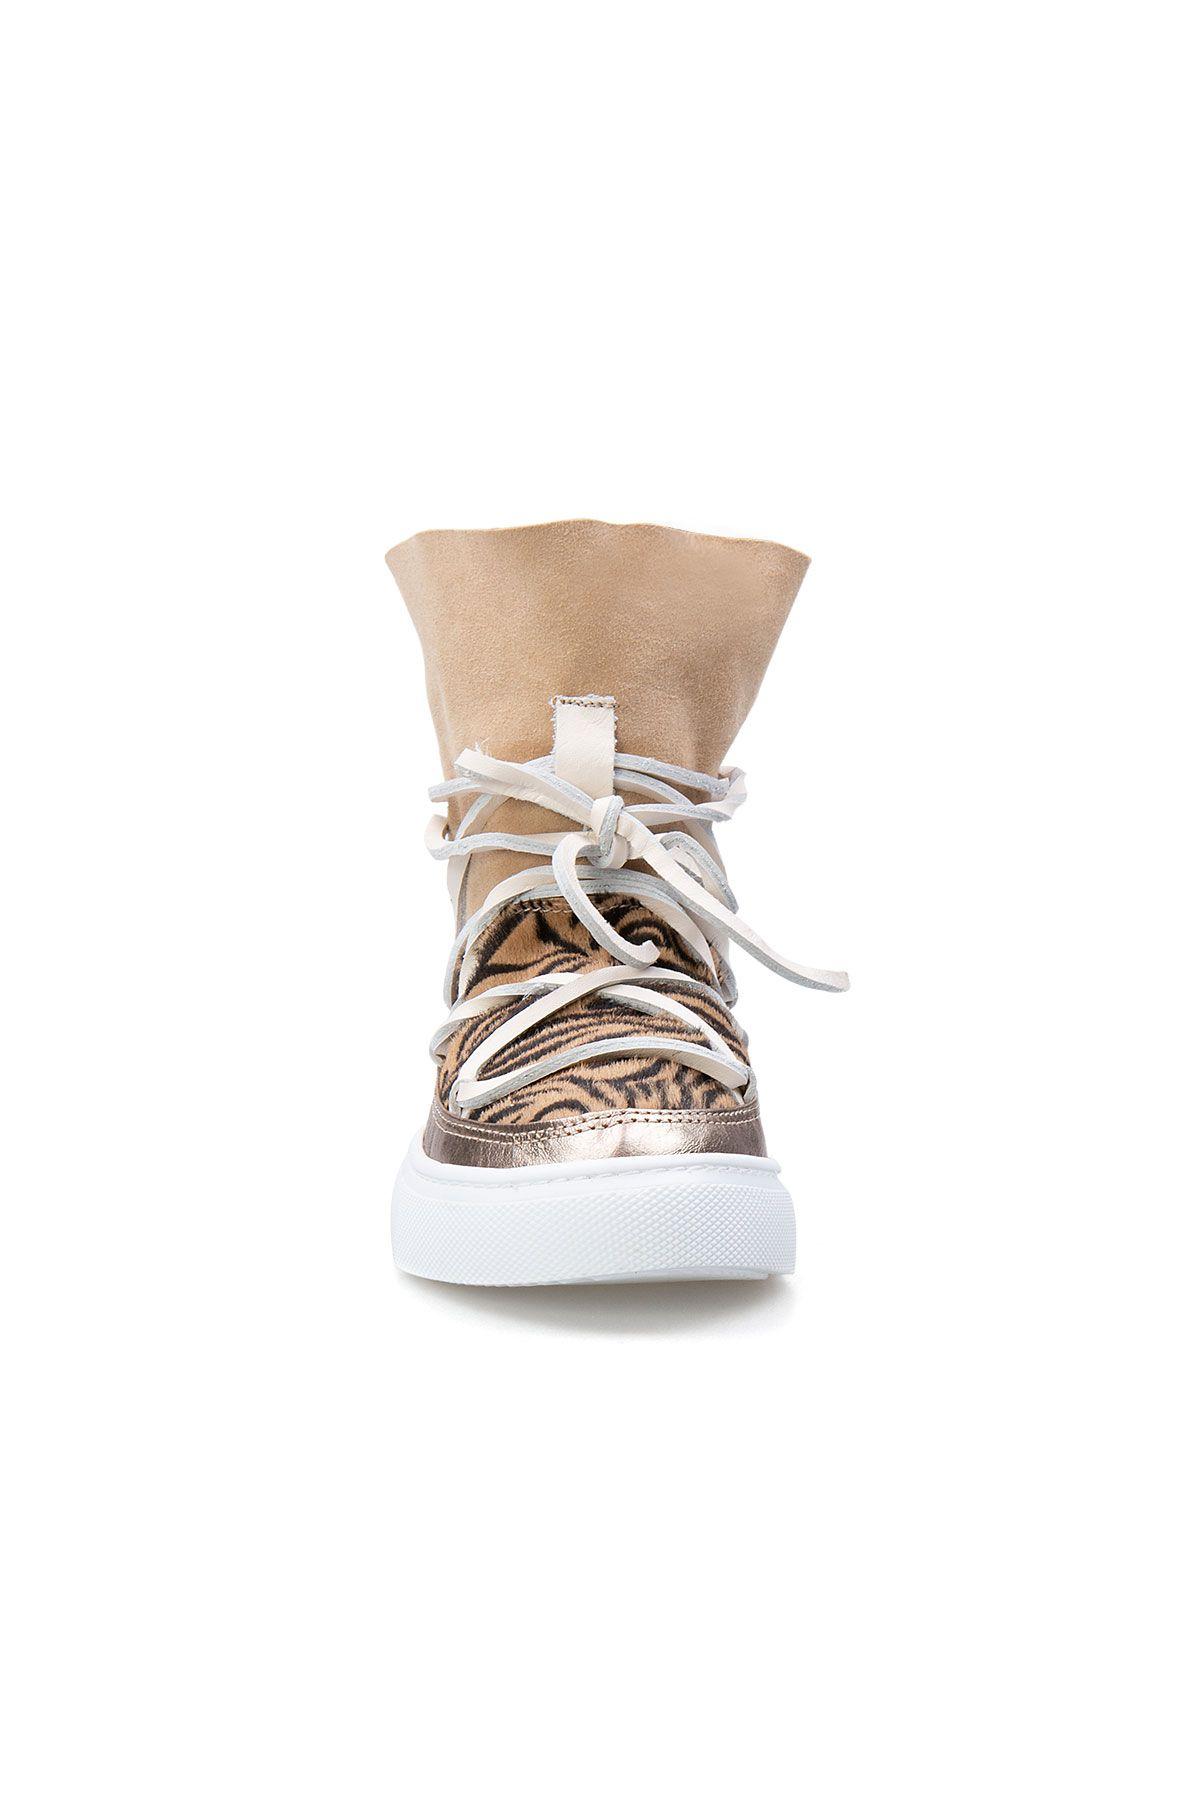 Cool Moon Genuine Leather Women Sneaker CM1017 Beige